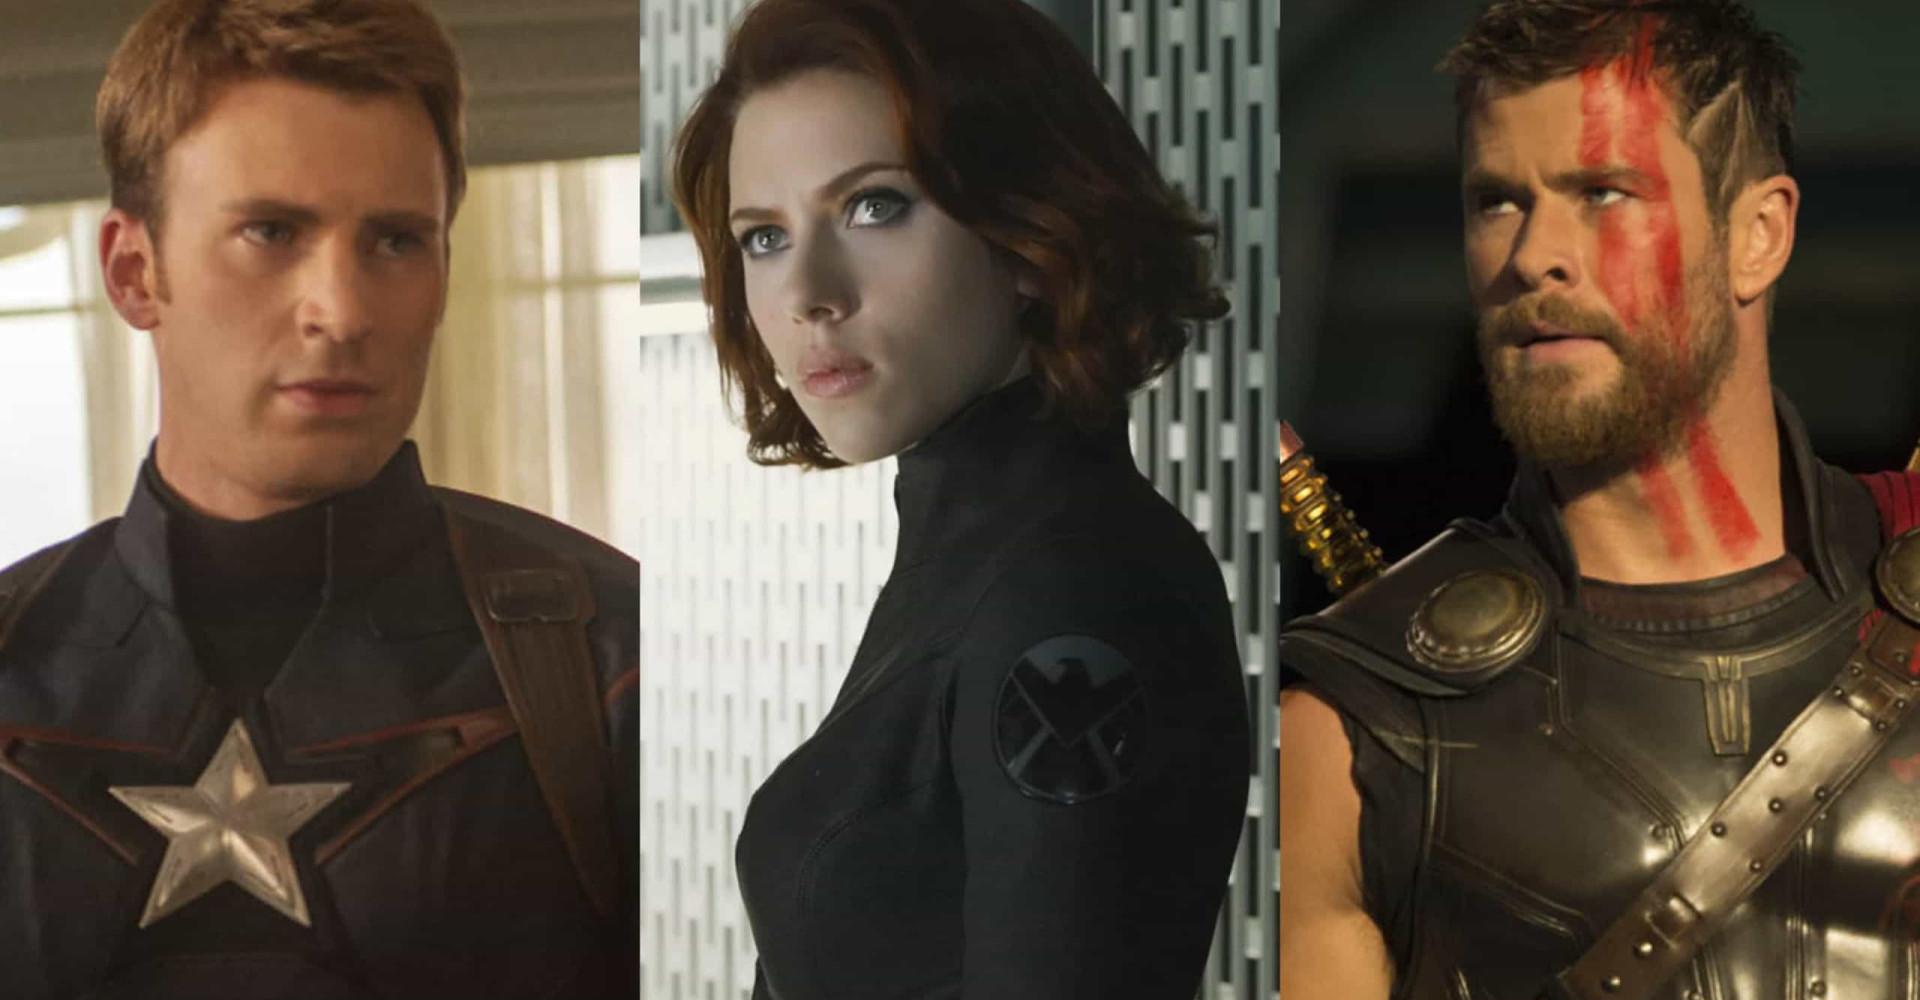 Kuka Avengersin sankari olet horoskooppimerkkisi perusteella?